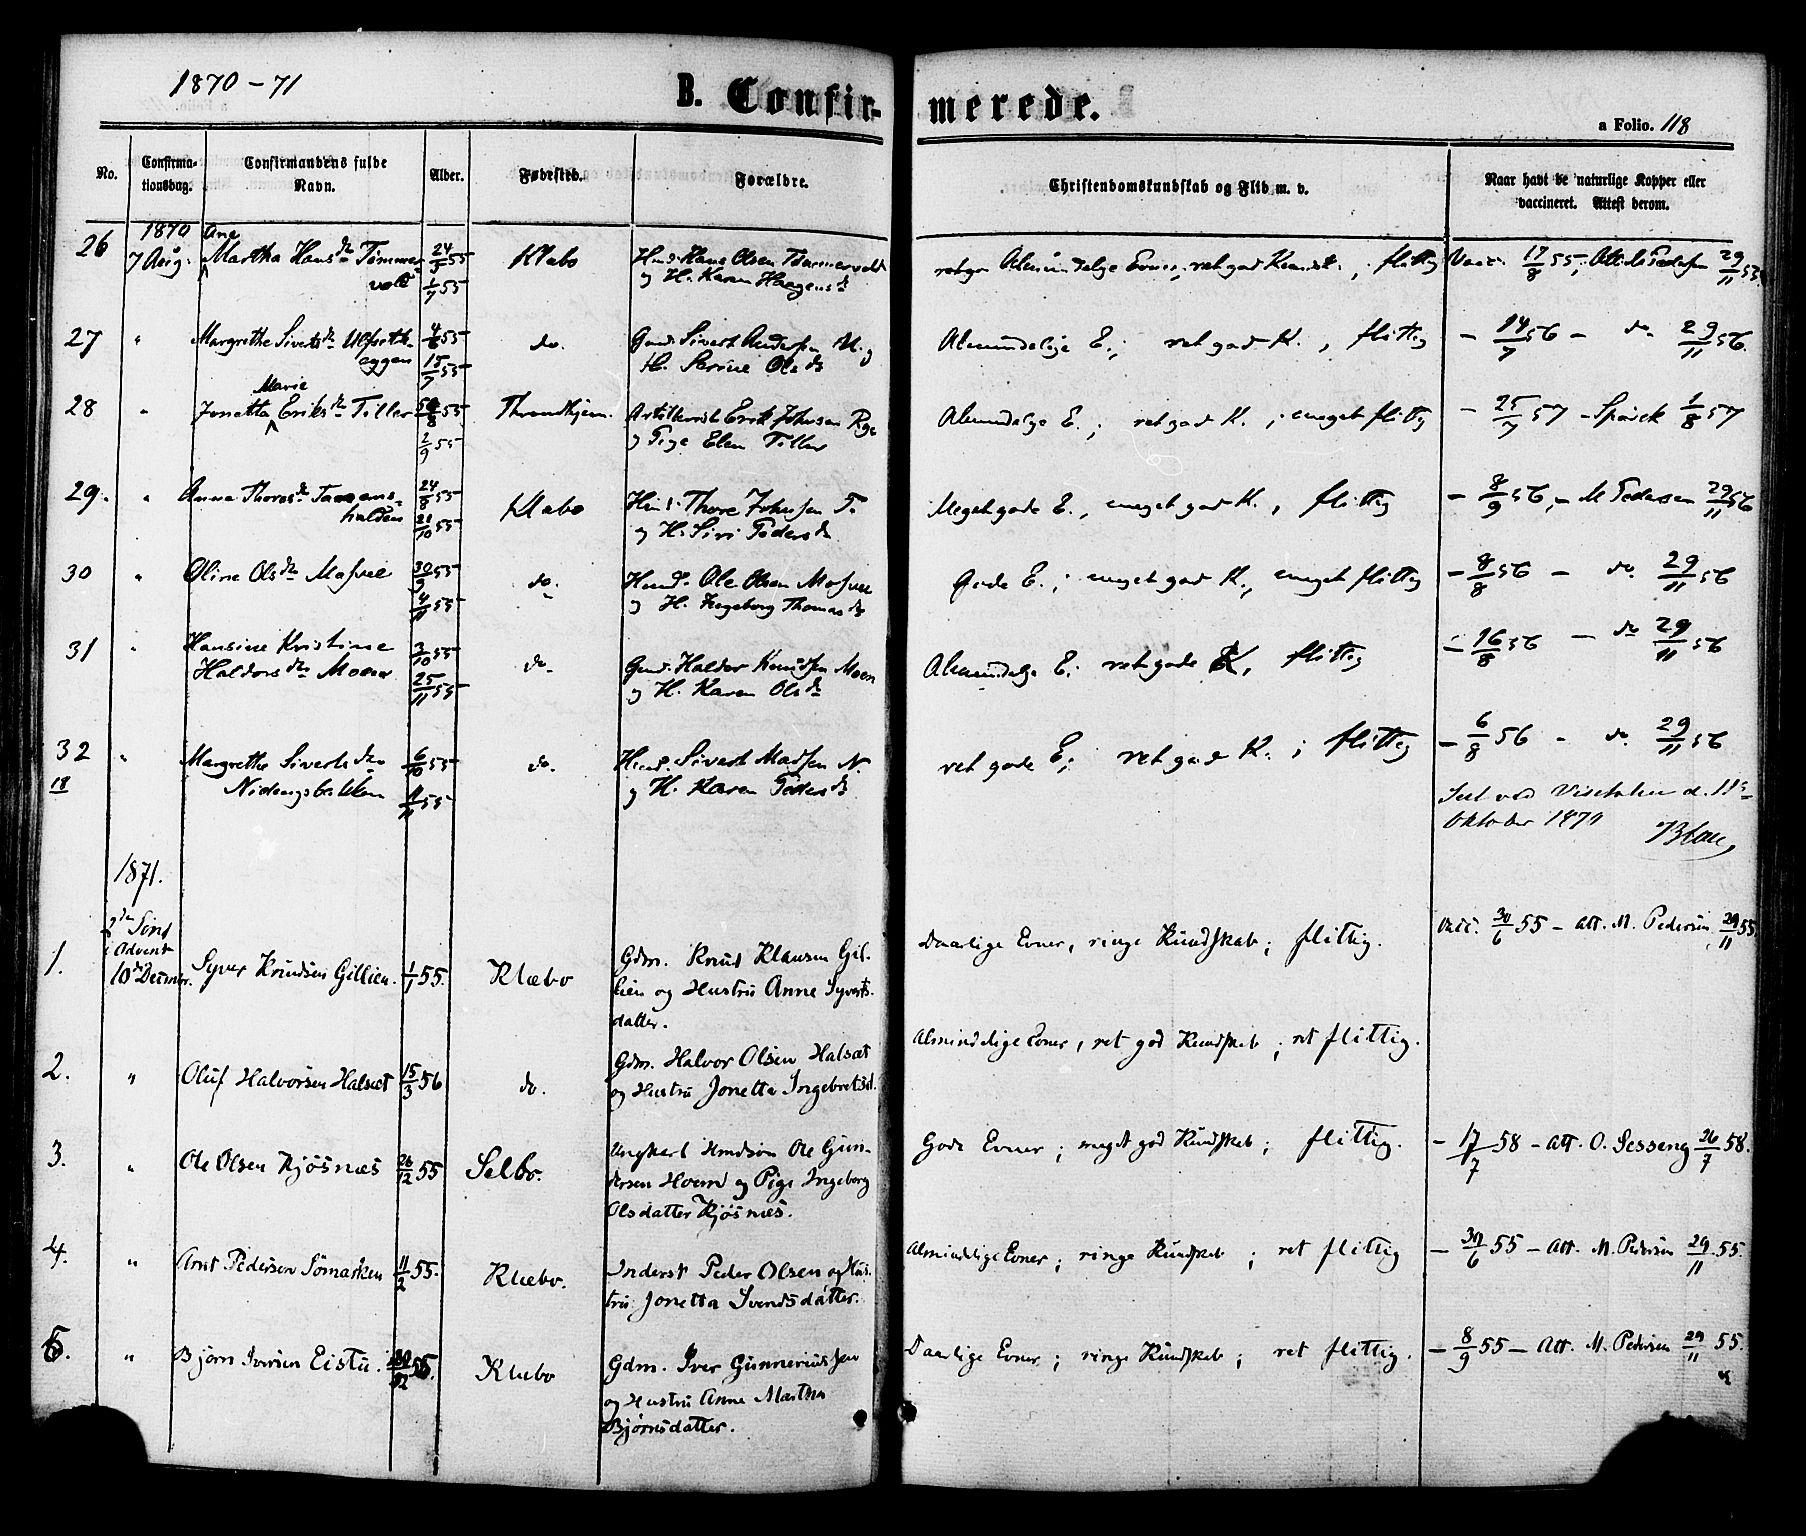 SAT, Ministerialprotokoller, klokkerbøker og fødselsregistre - Sør-Trøndelag, 618/L0442: Ministerialbok nr. 618A06 /1, 1863-1879, s. 118